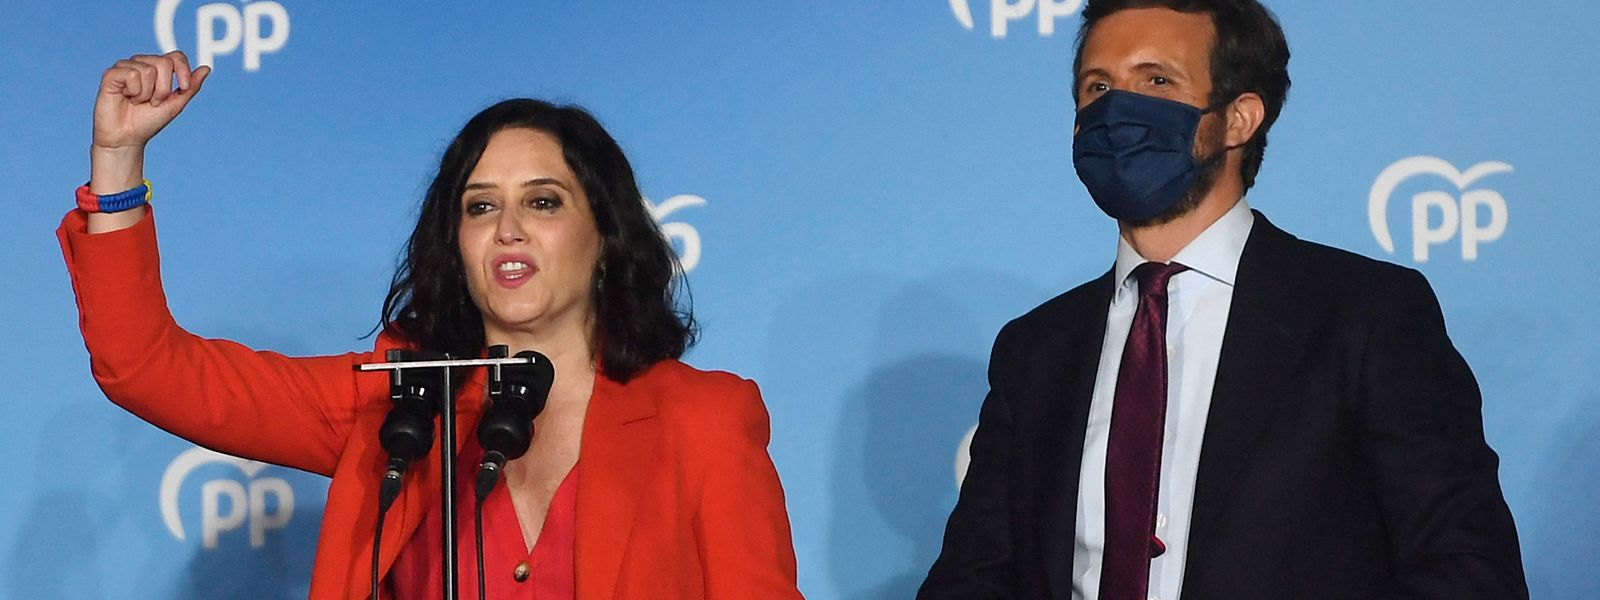 Spitzenkandidatin Isabel Diaz Ayuso und PP-Chef Pablo Casado hatten am Dienstag Grund zur Freude.